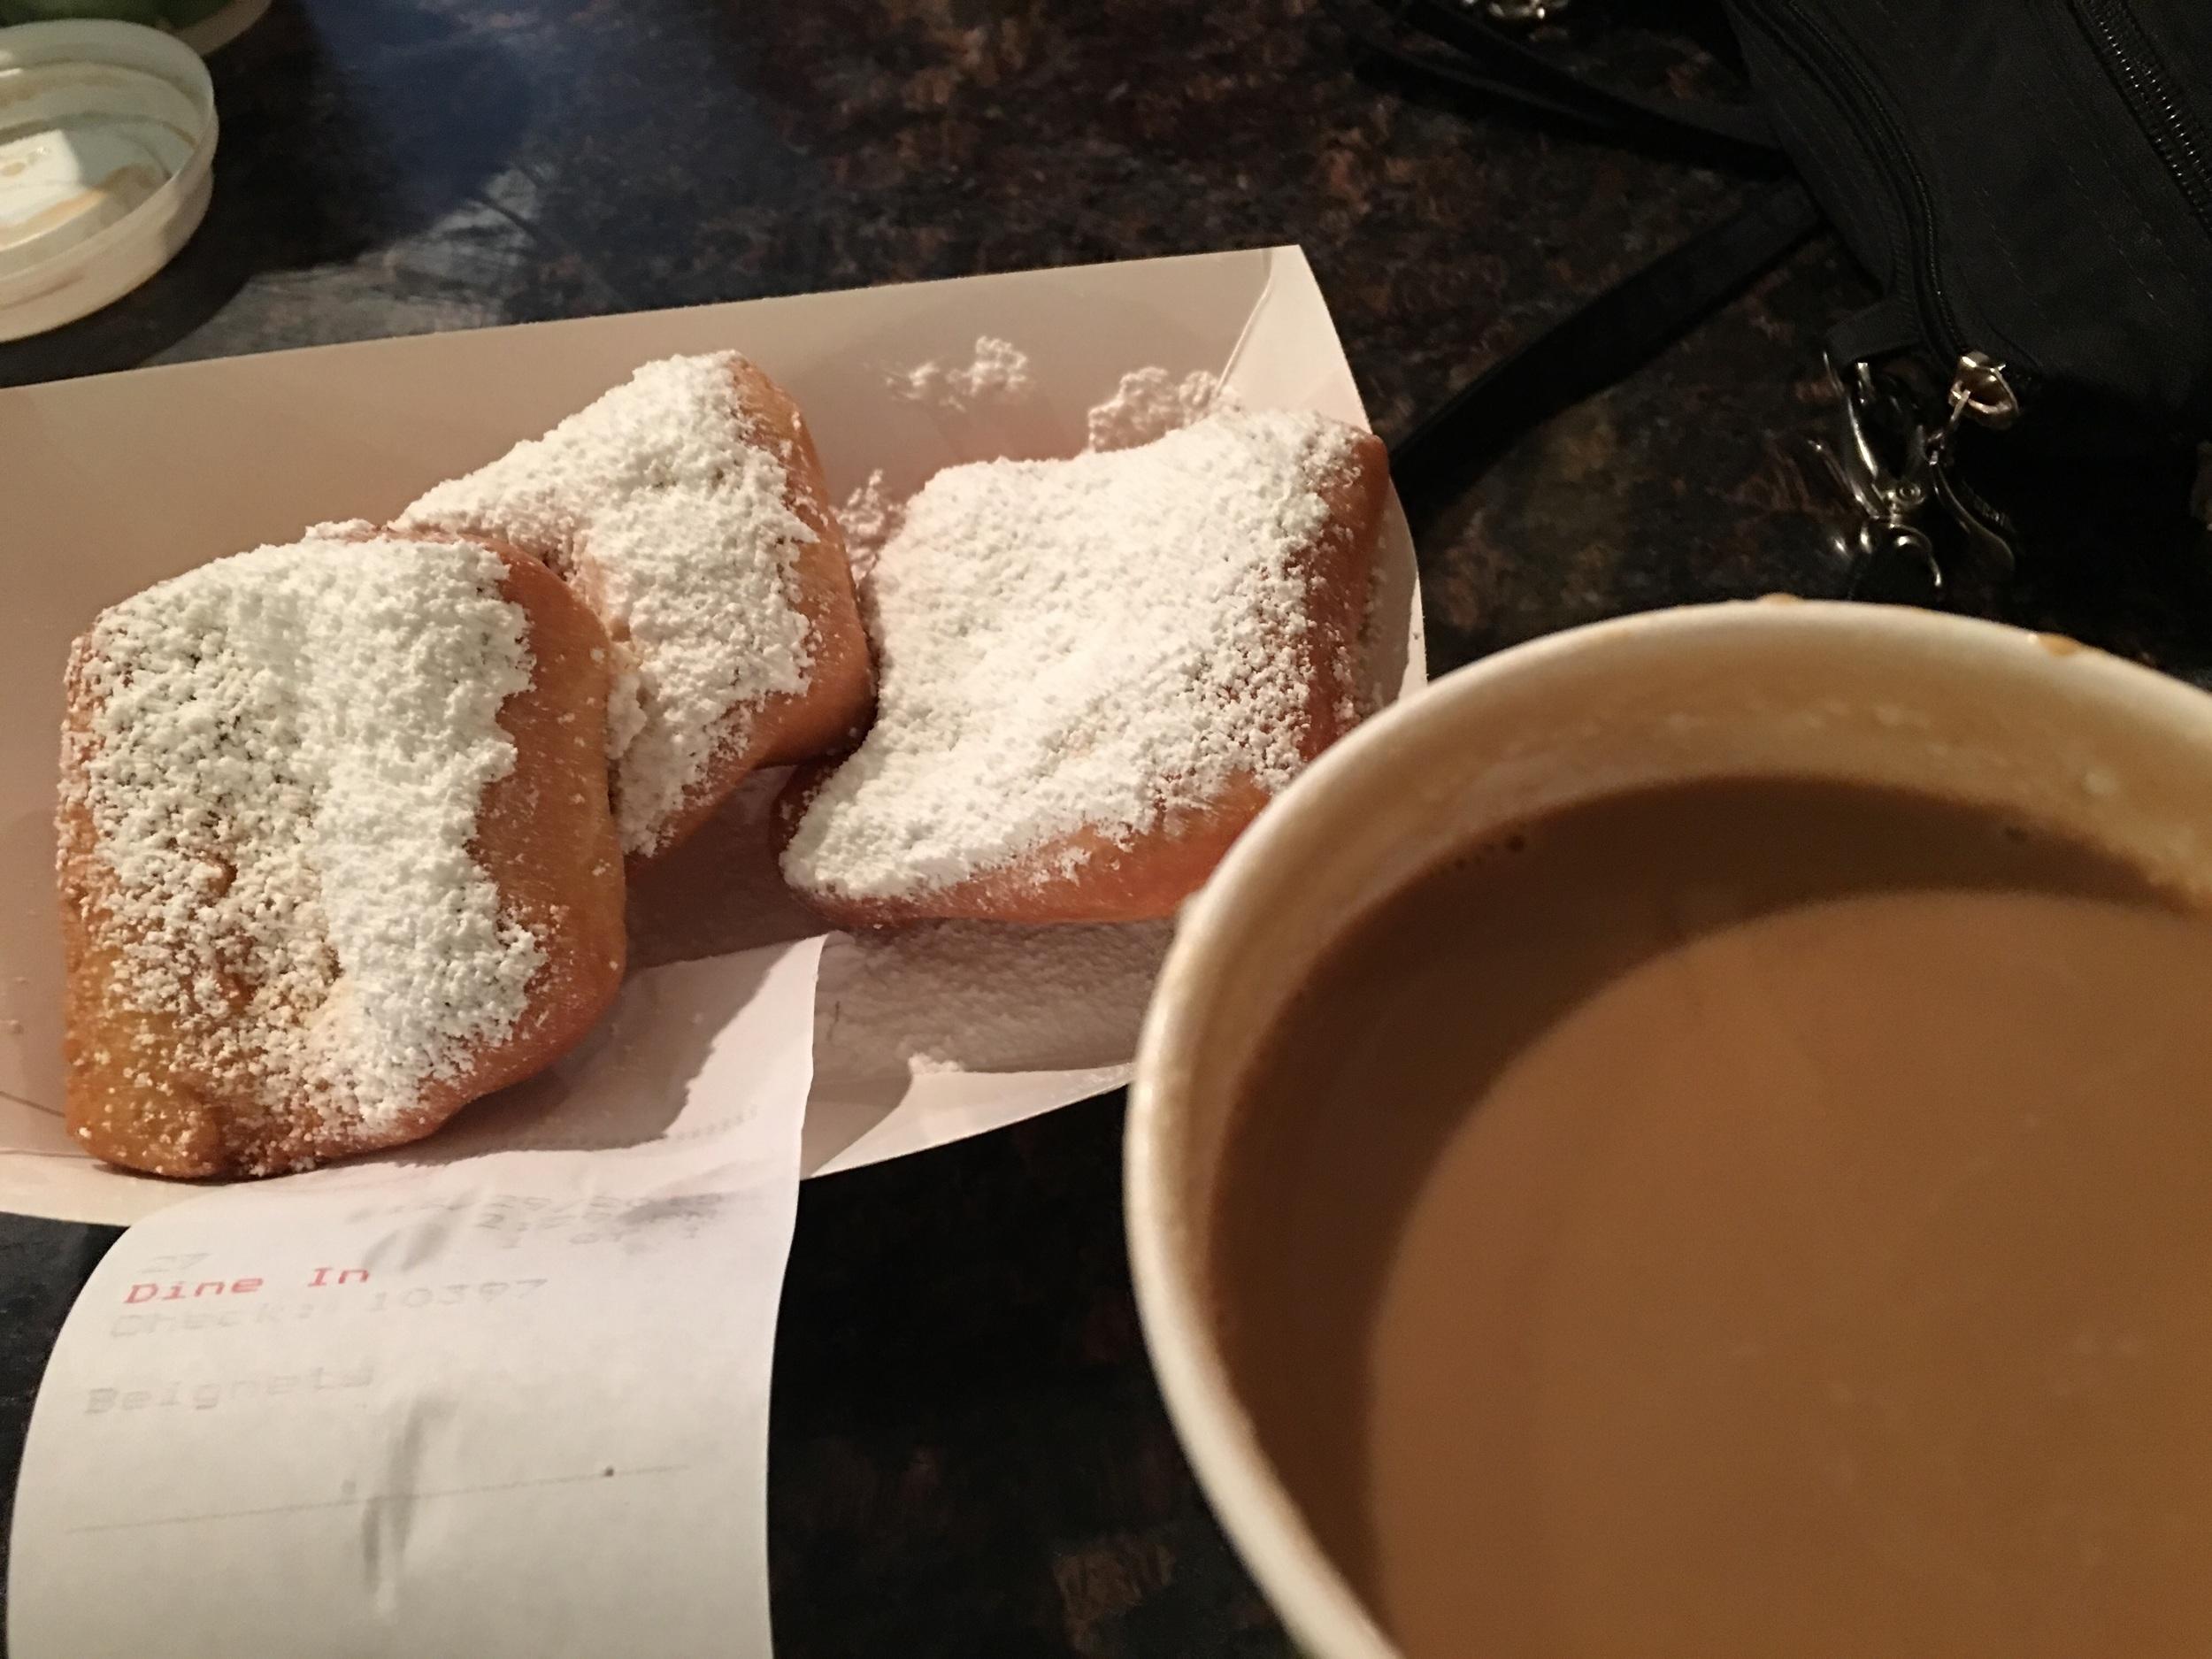 Cafe au lait and beignets!